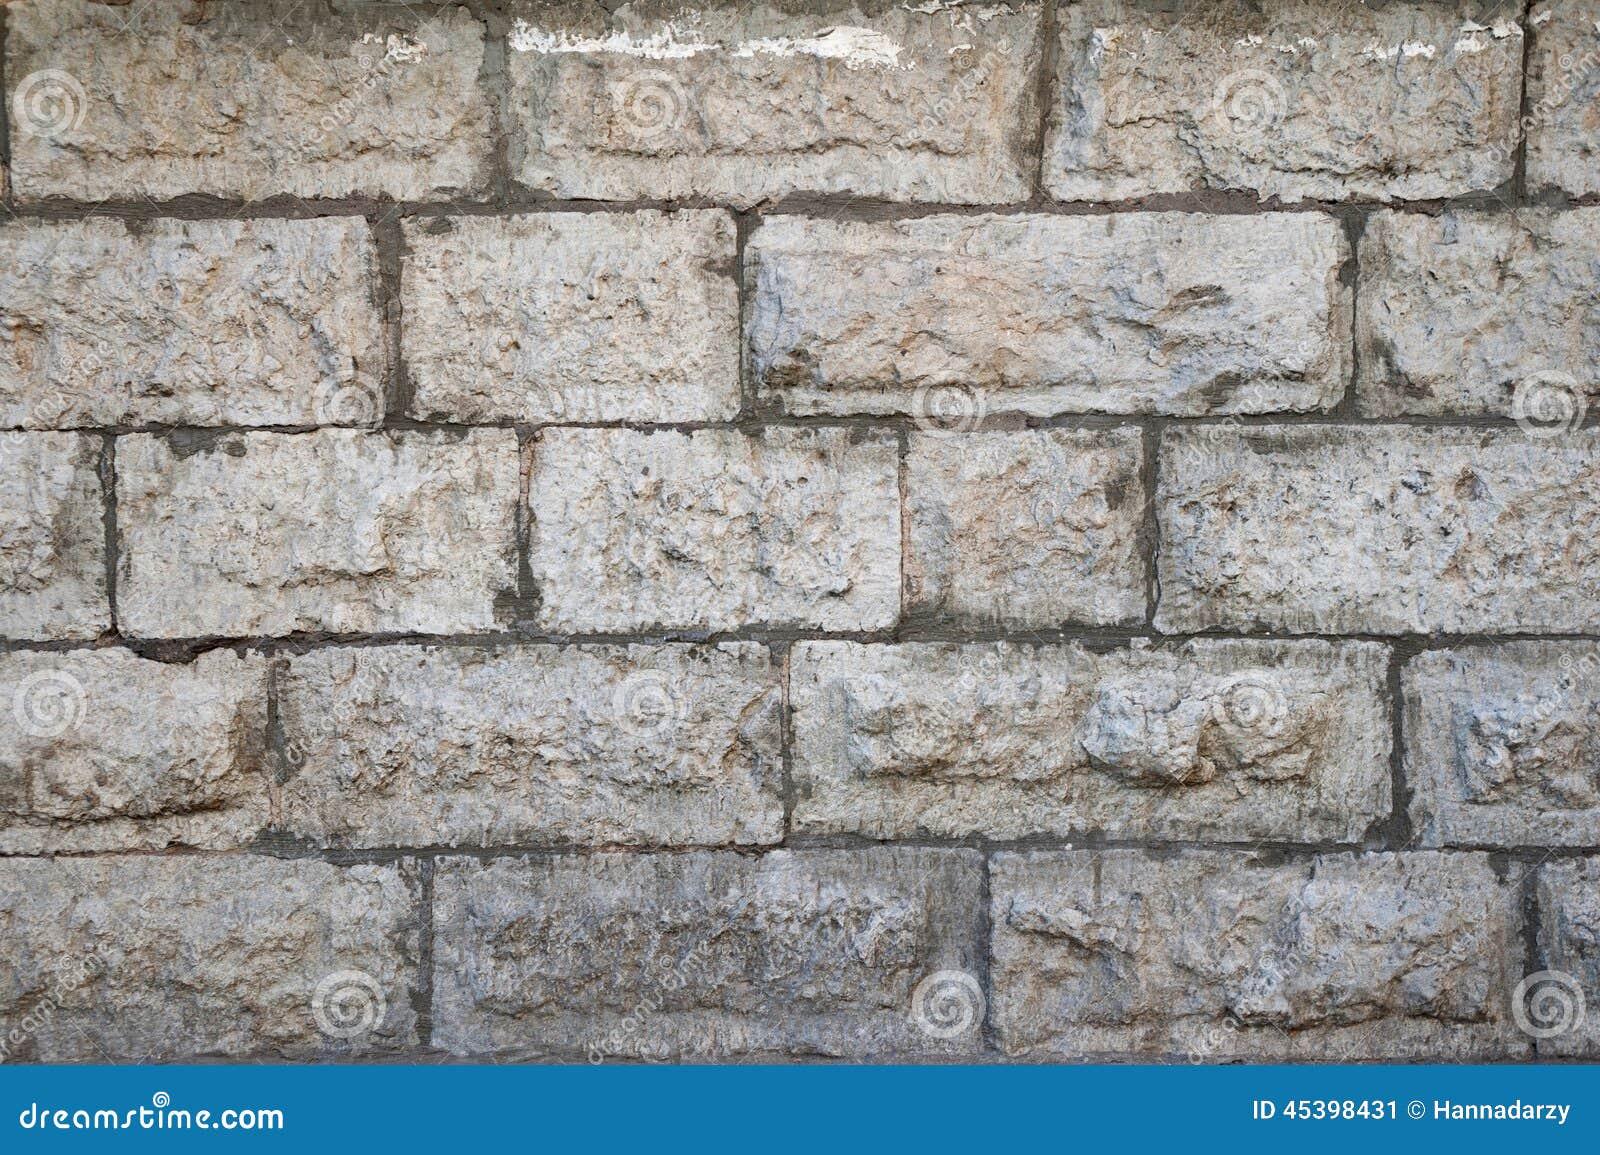 Struttura Di Vecchia Parete Grigia Con Rivestimento Di Pietra Fotografia Stock - Immagine: 45398431